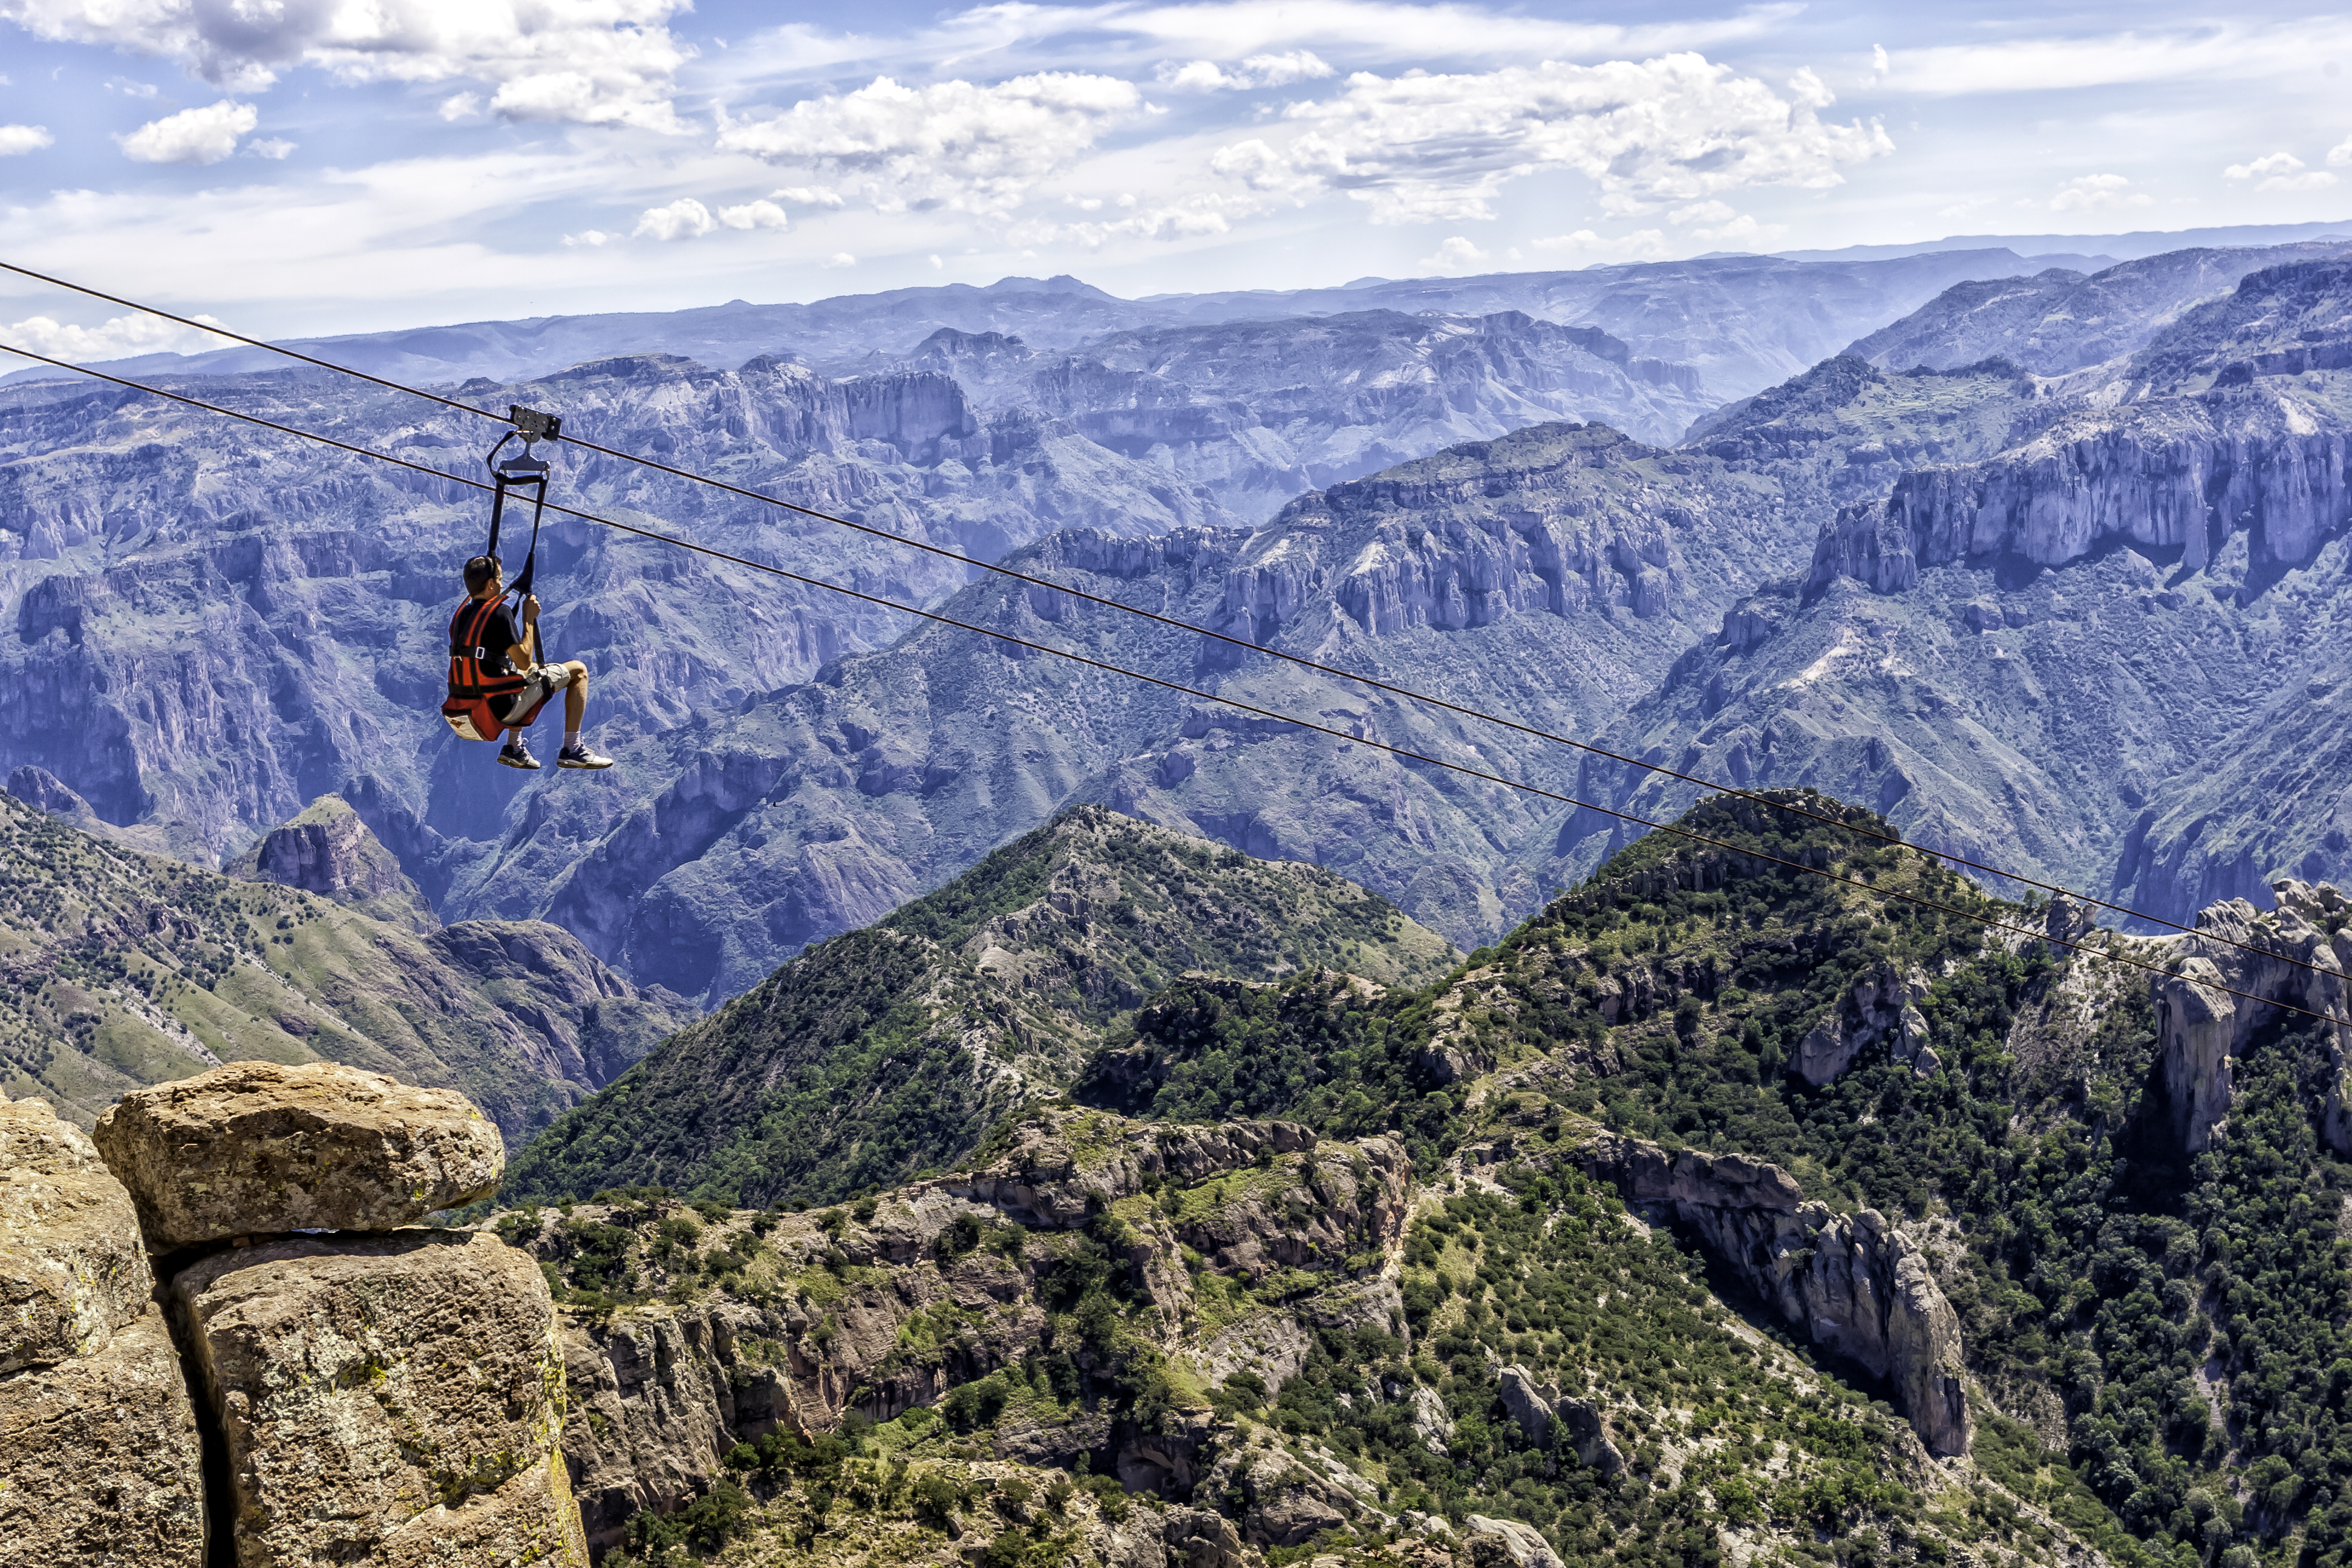 El nuevo tren del Chepe: un viaje de lujo a través de la belleza de la sierra